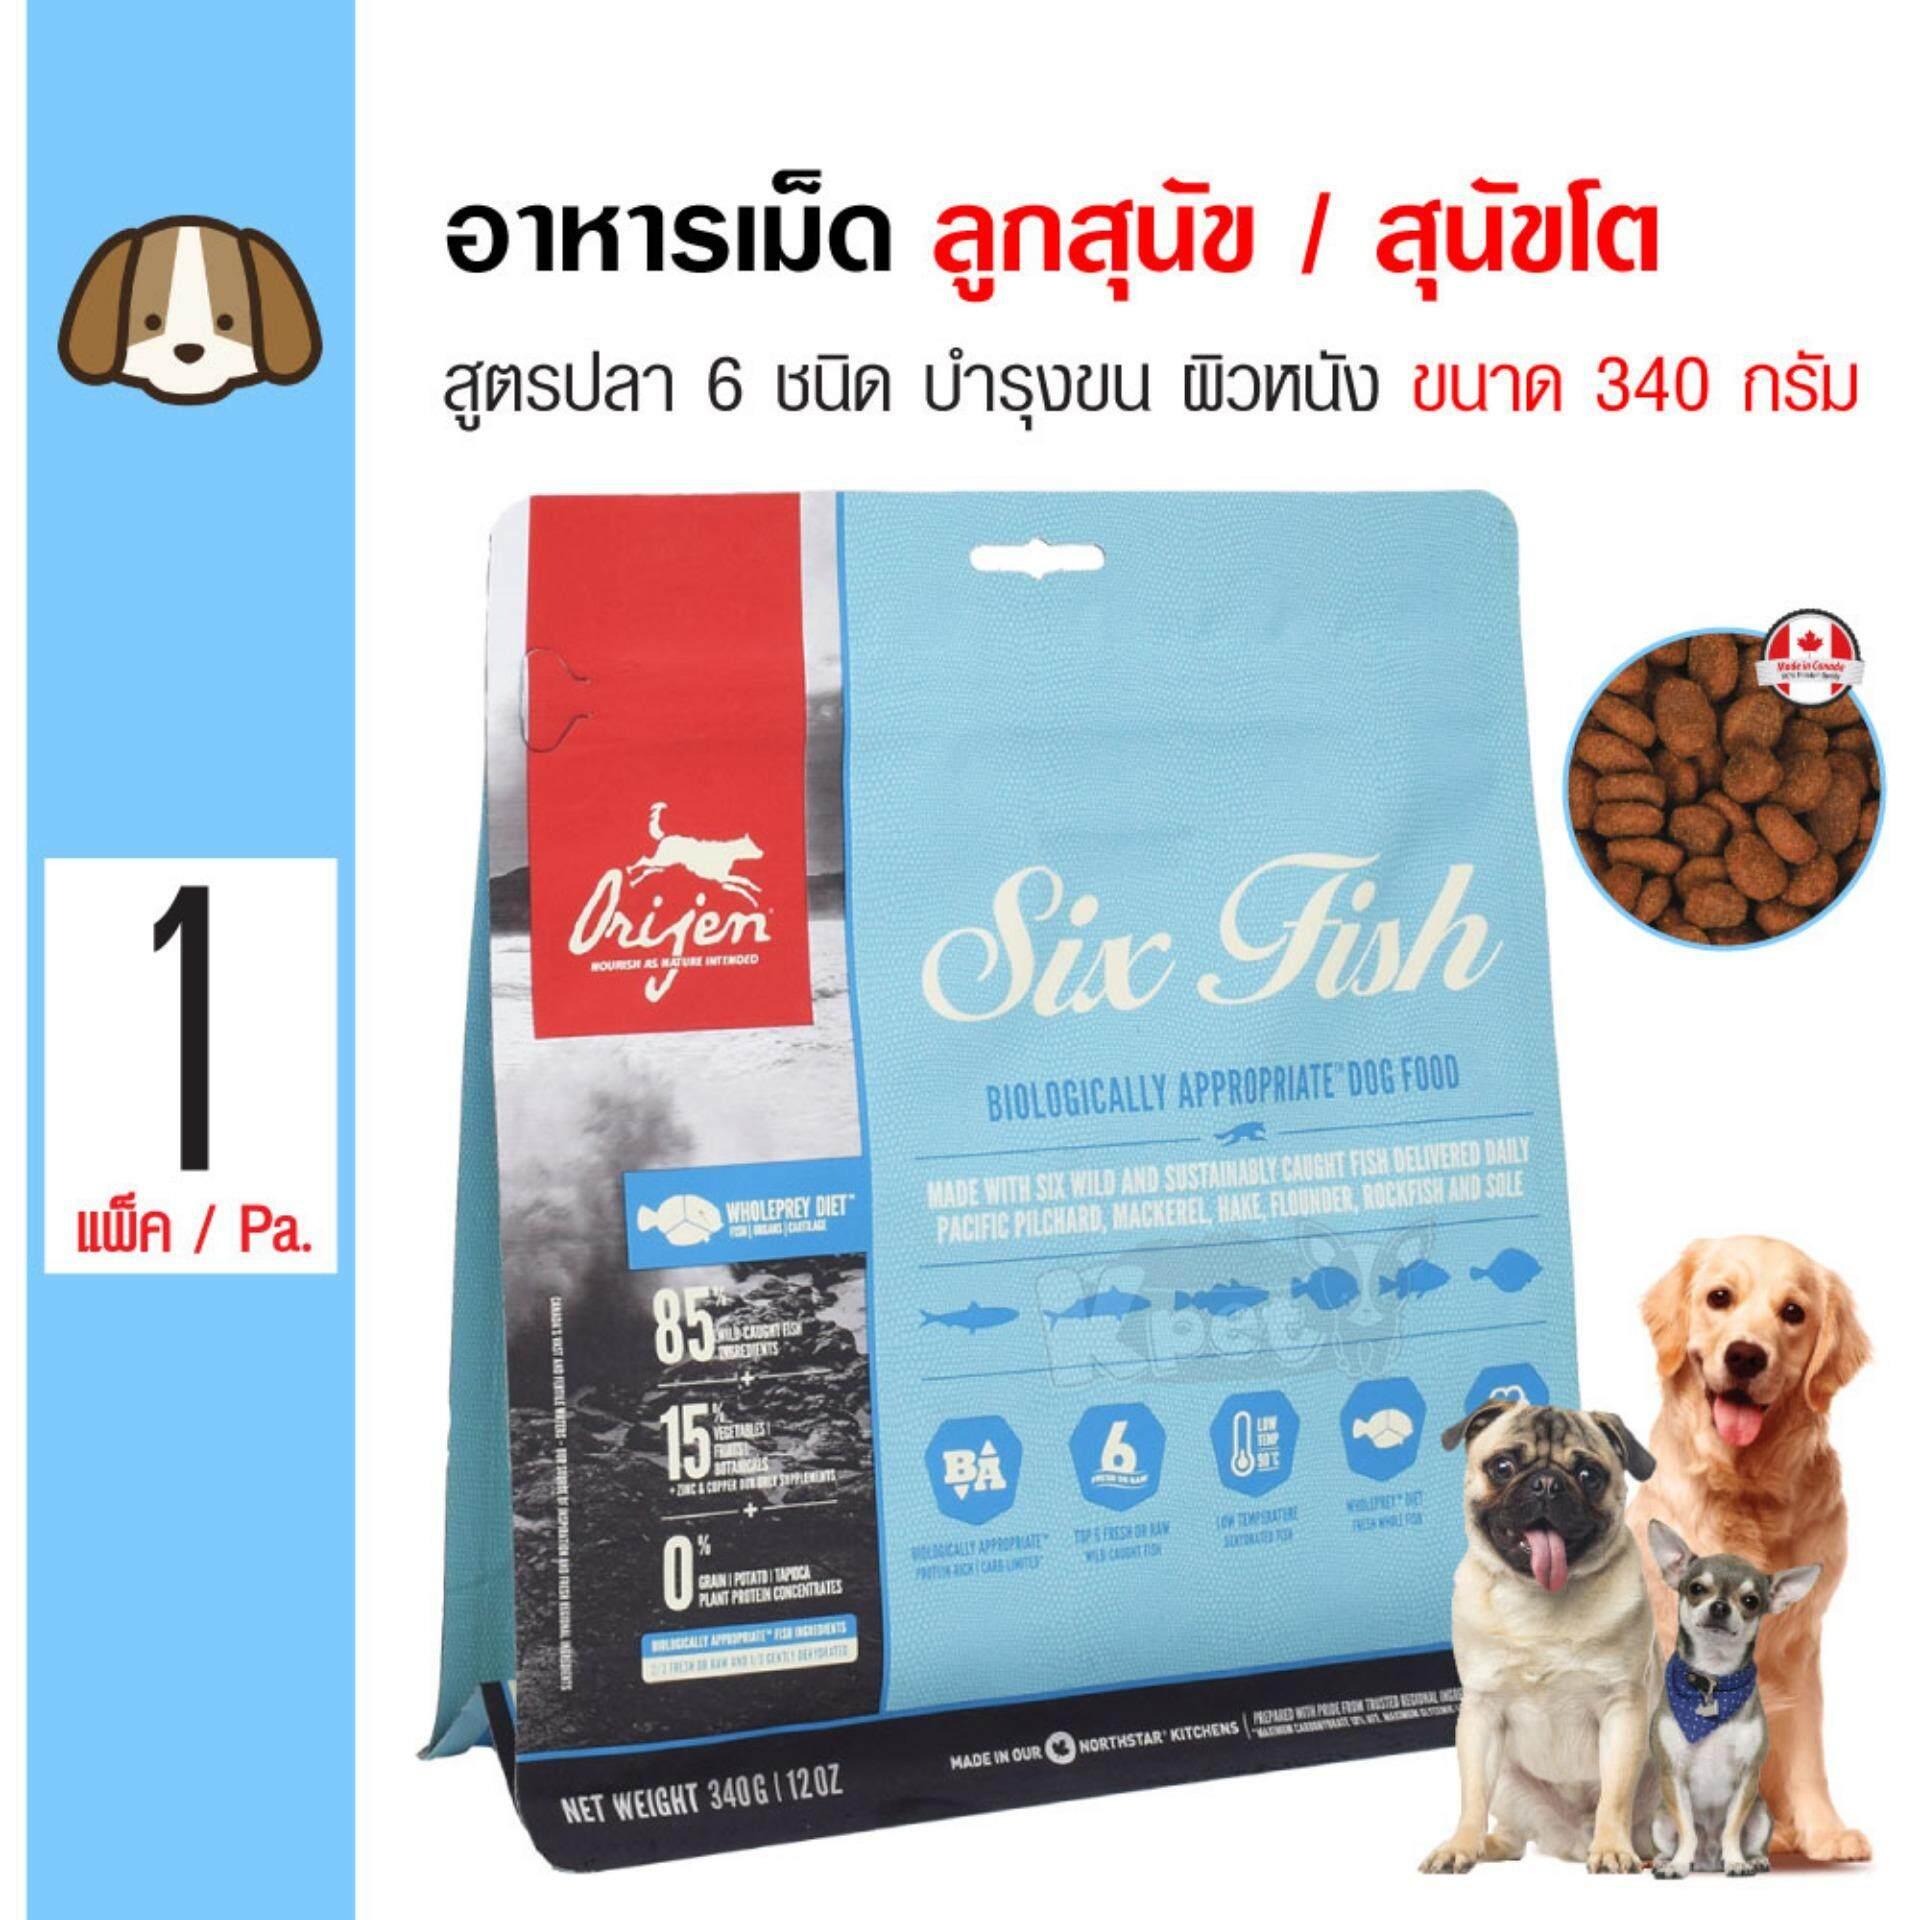 Orijen Dog Six Fish อาหารสุนัข สูตรเนื้อปลา 6 ชนิด บำรุงขนและผิวหนัง สำหรับสุนัขทุกวัย (340 กรัม/ถุง)